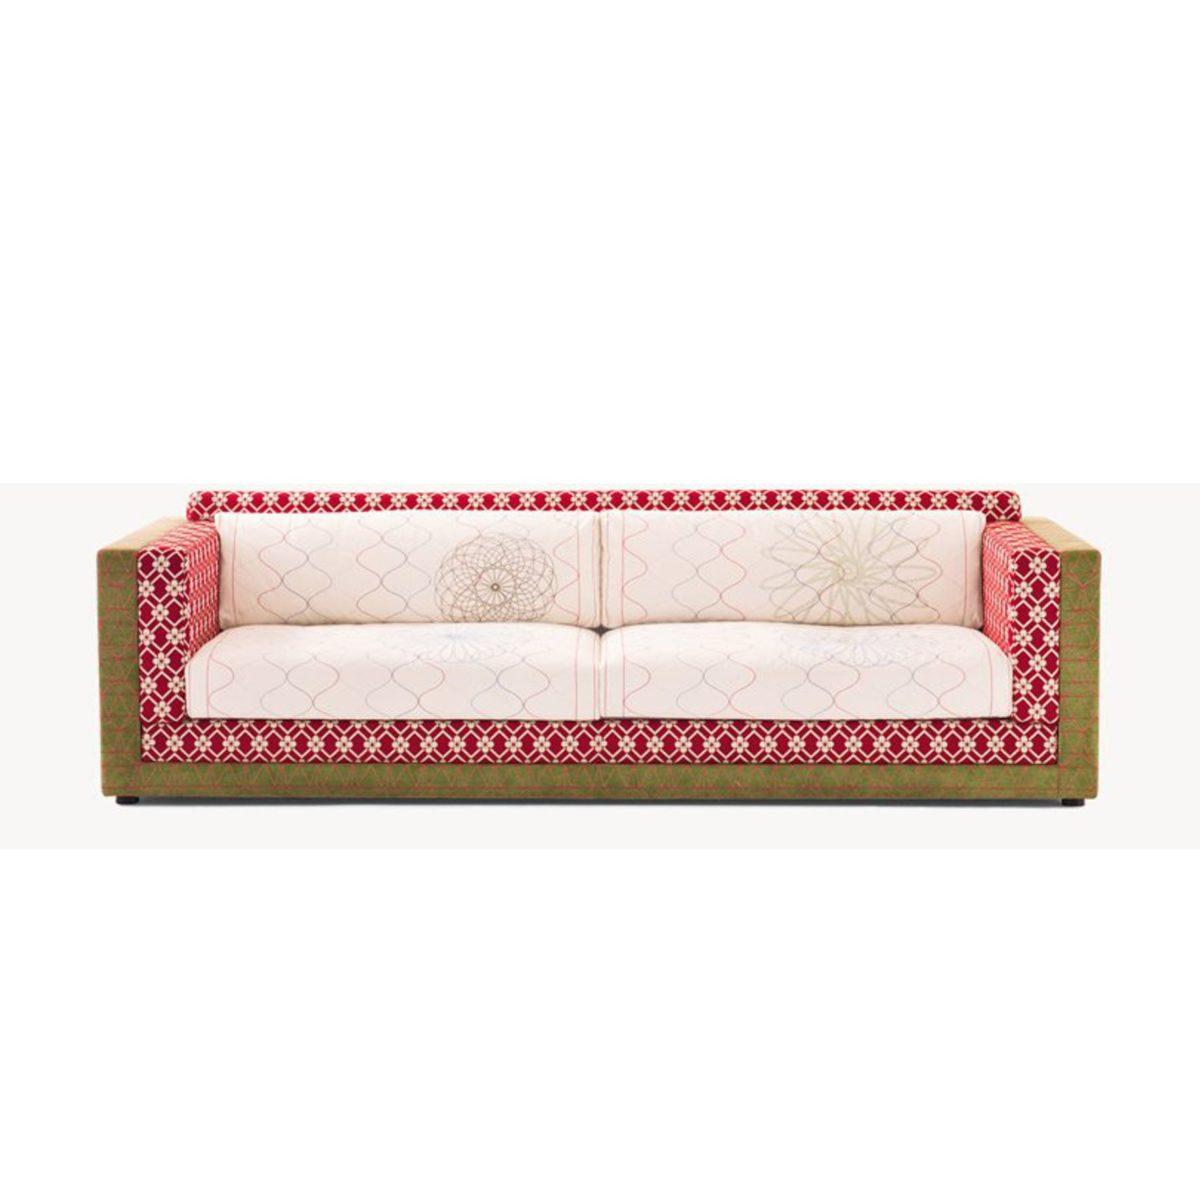 купить диван Karmakoma moroso